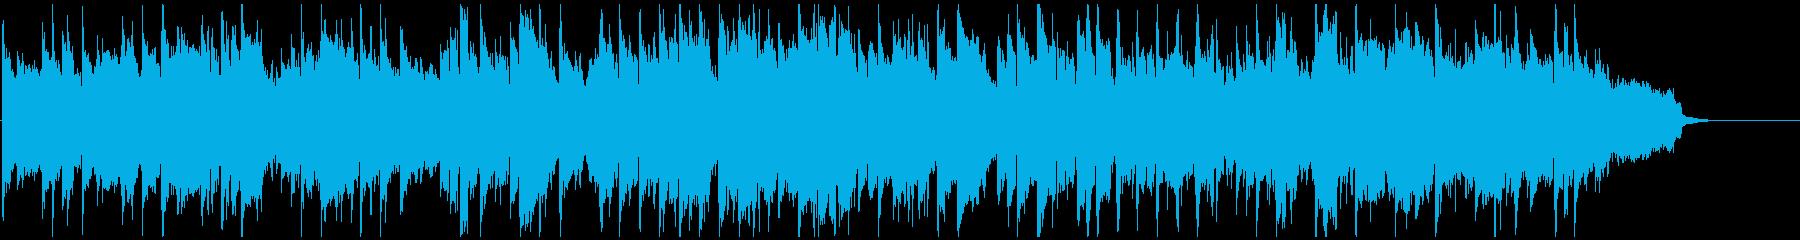 キラキラしたエピローグ的なリコーダー曲の再生済みの波形